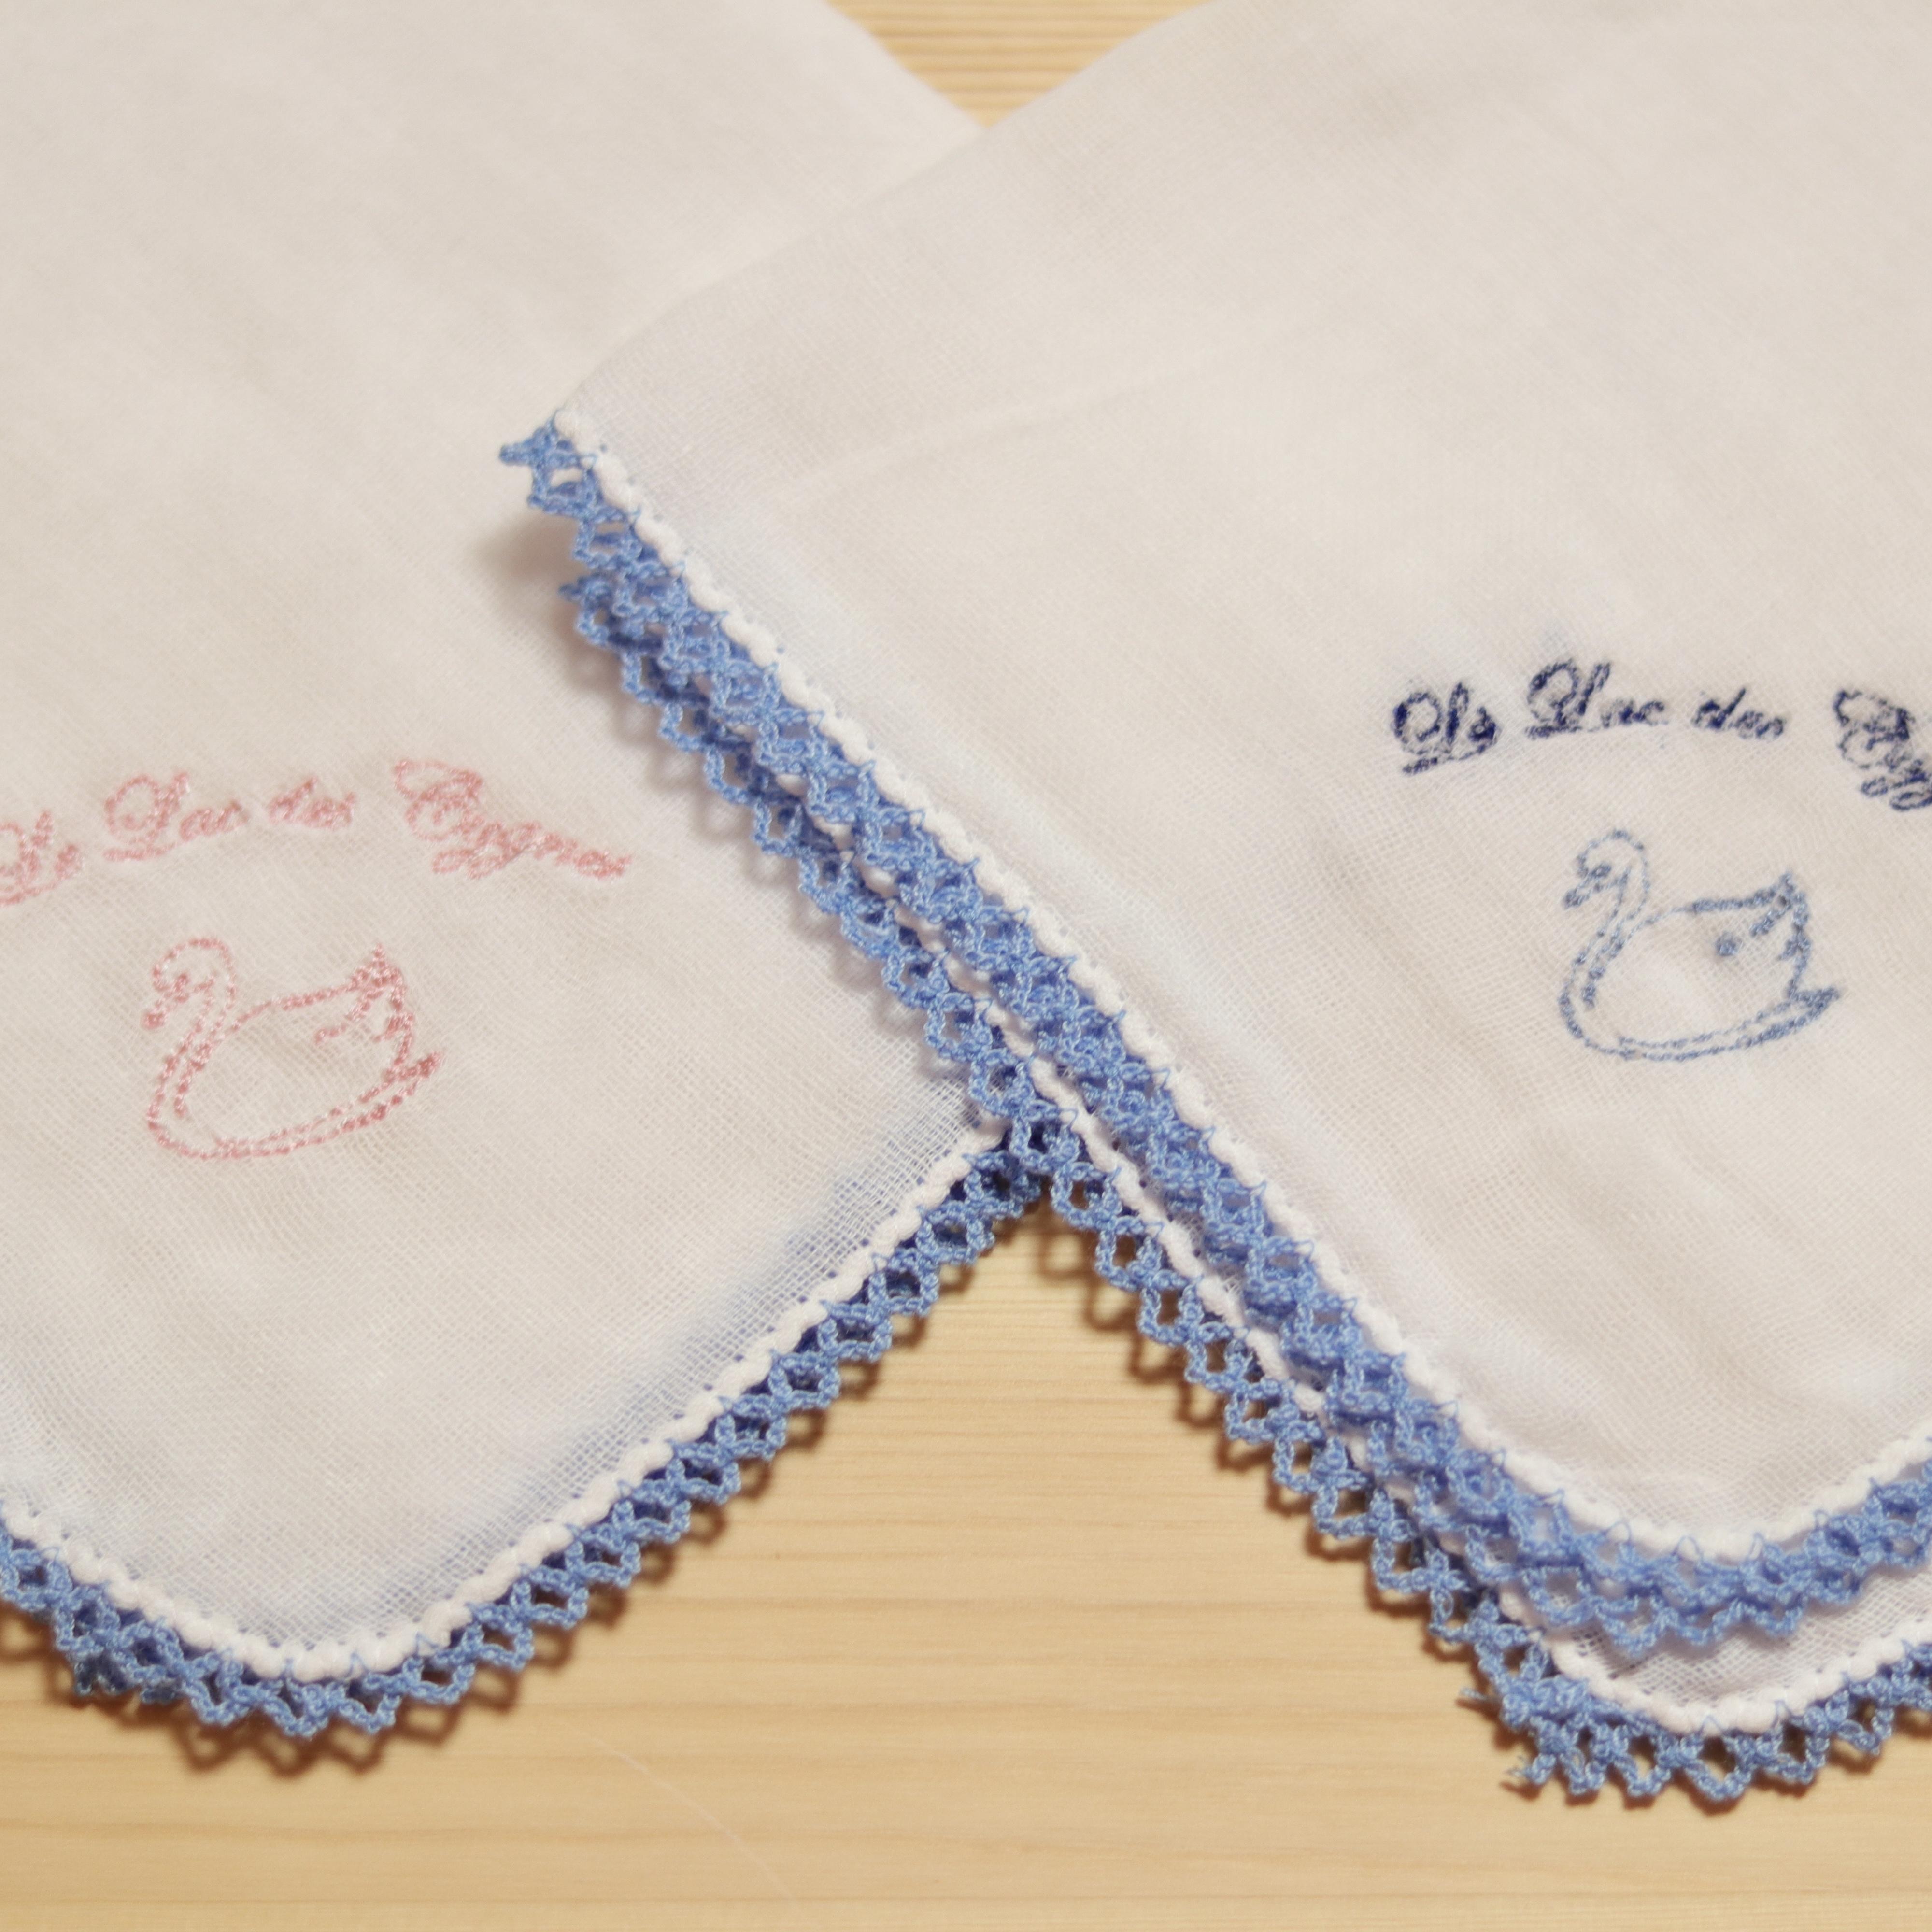 オリジナル刺繍ガーゼハンカチピコレース